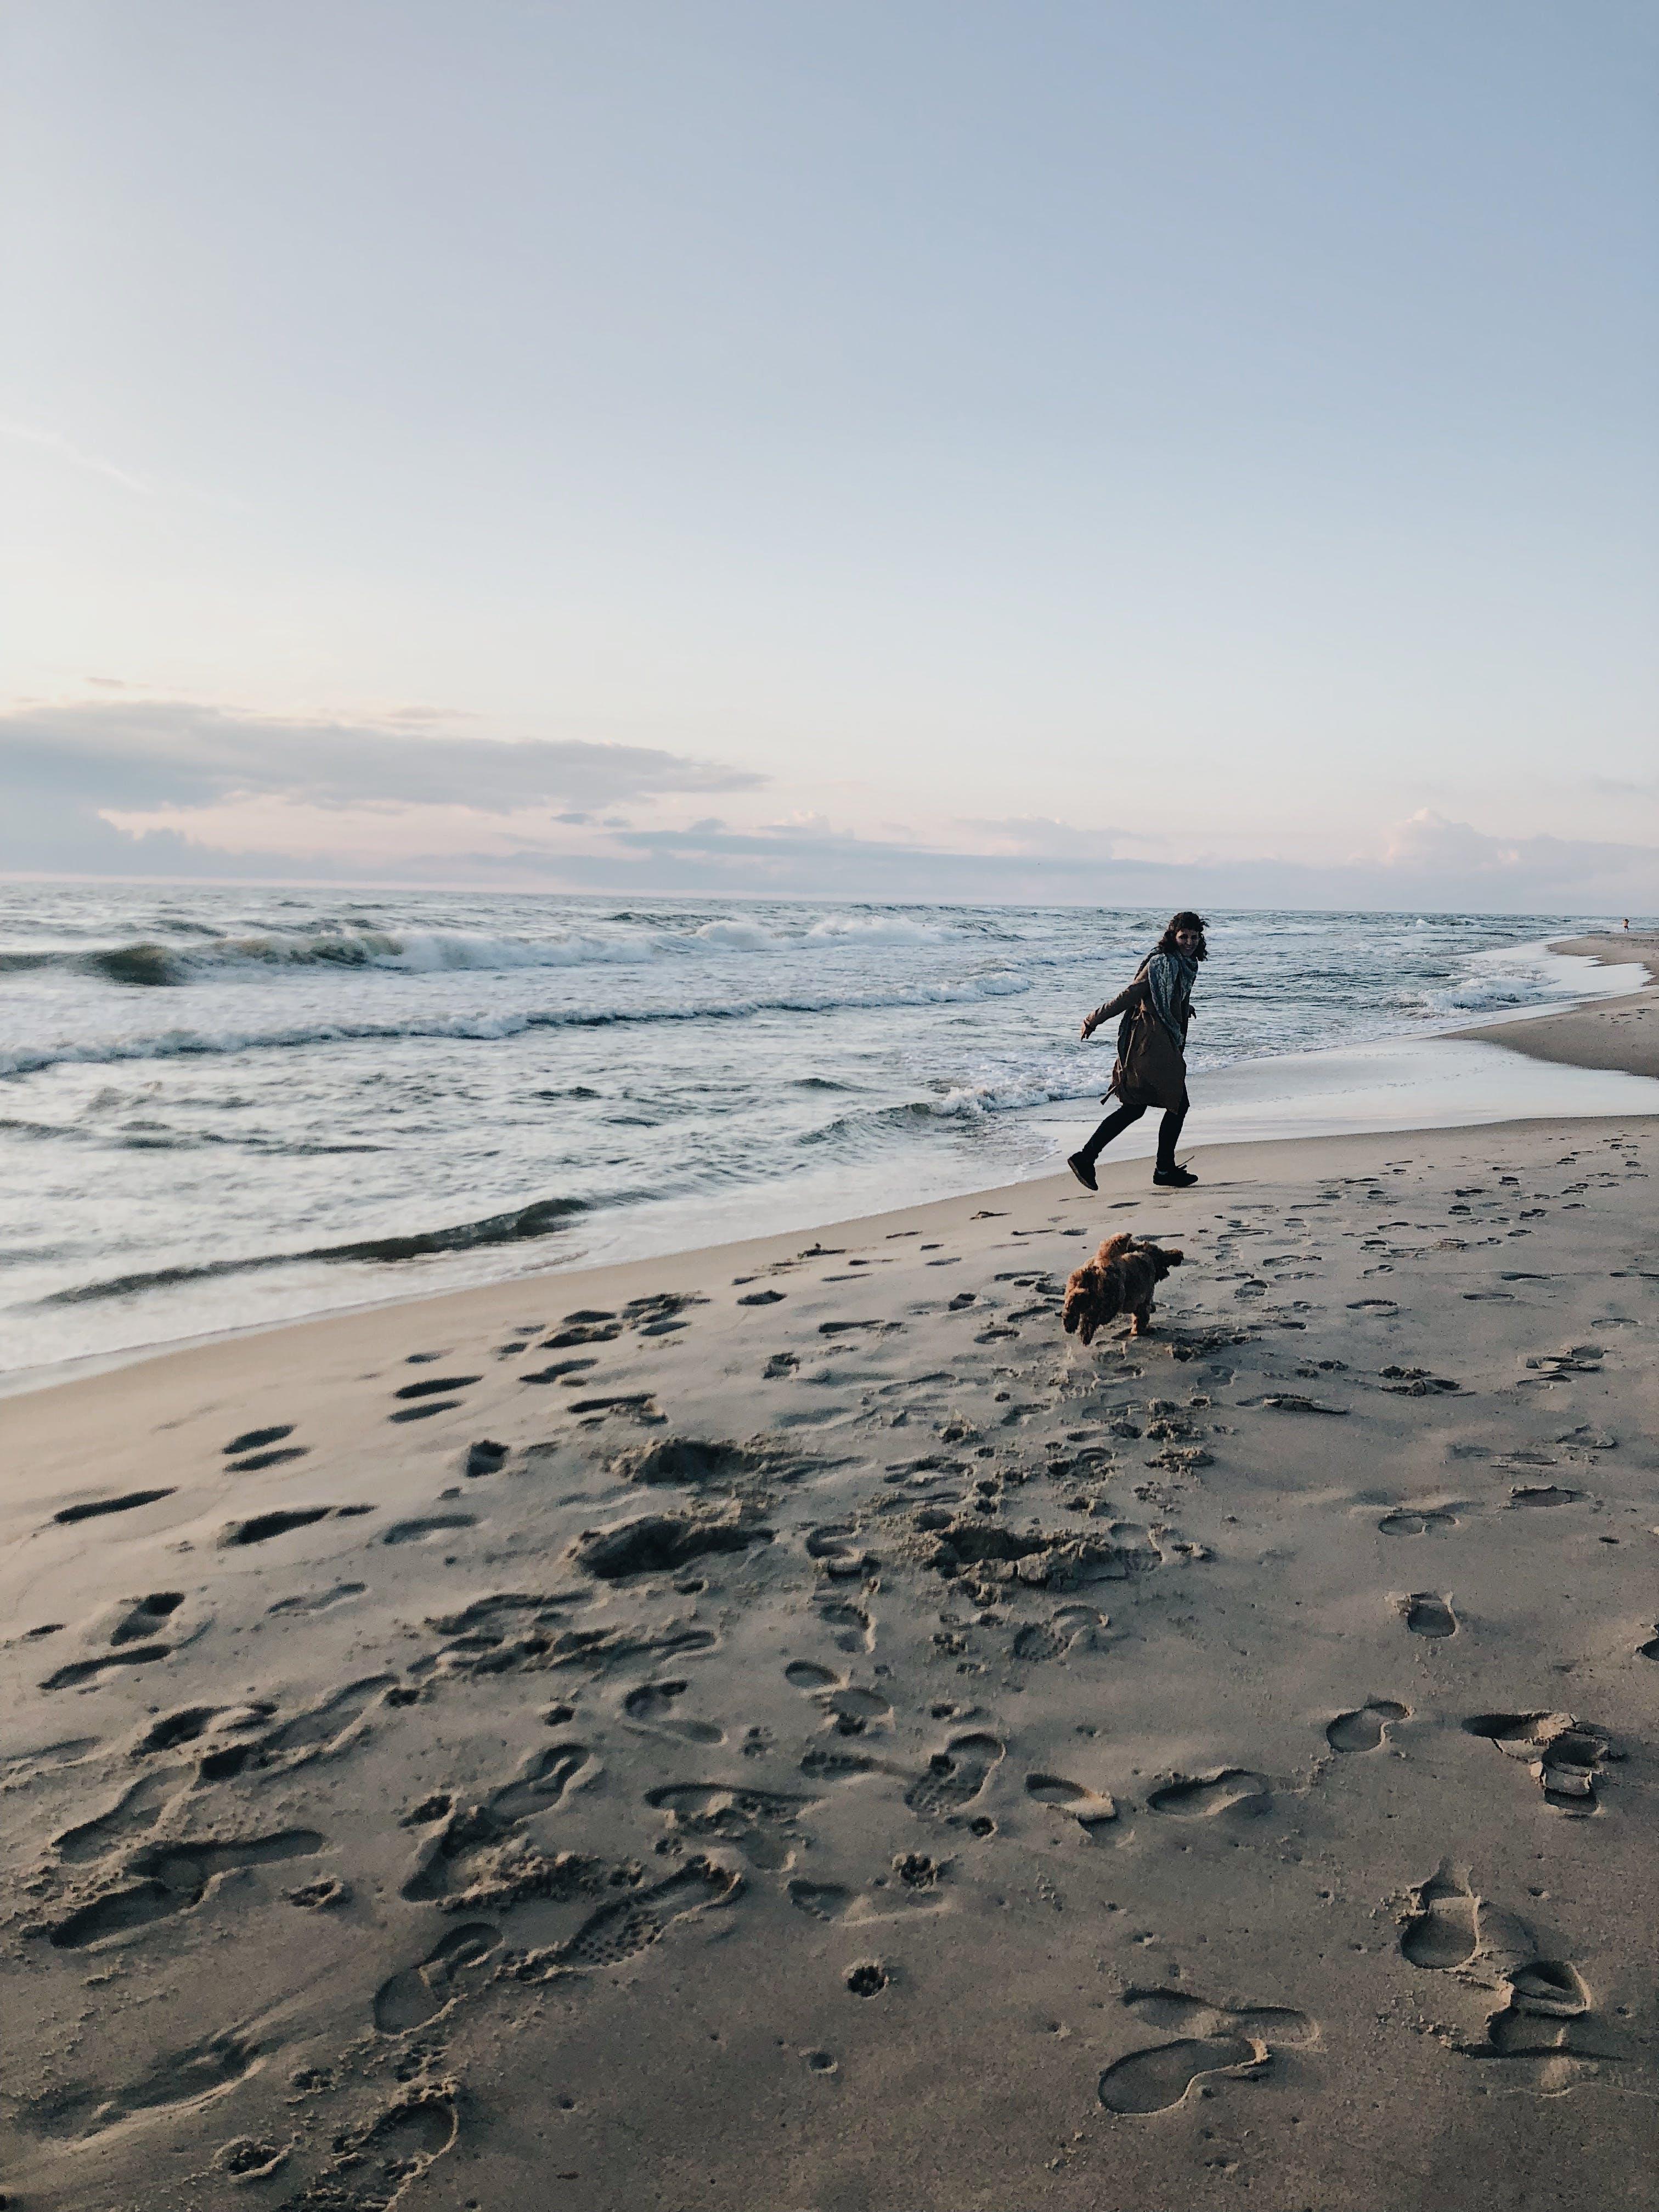 Gratis stockfoto met blikveld, iemand, oceaan, strand